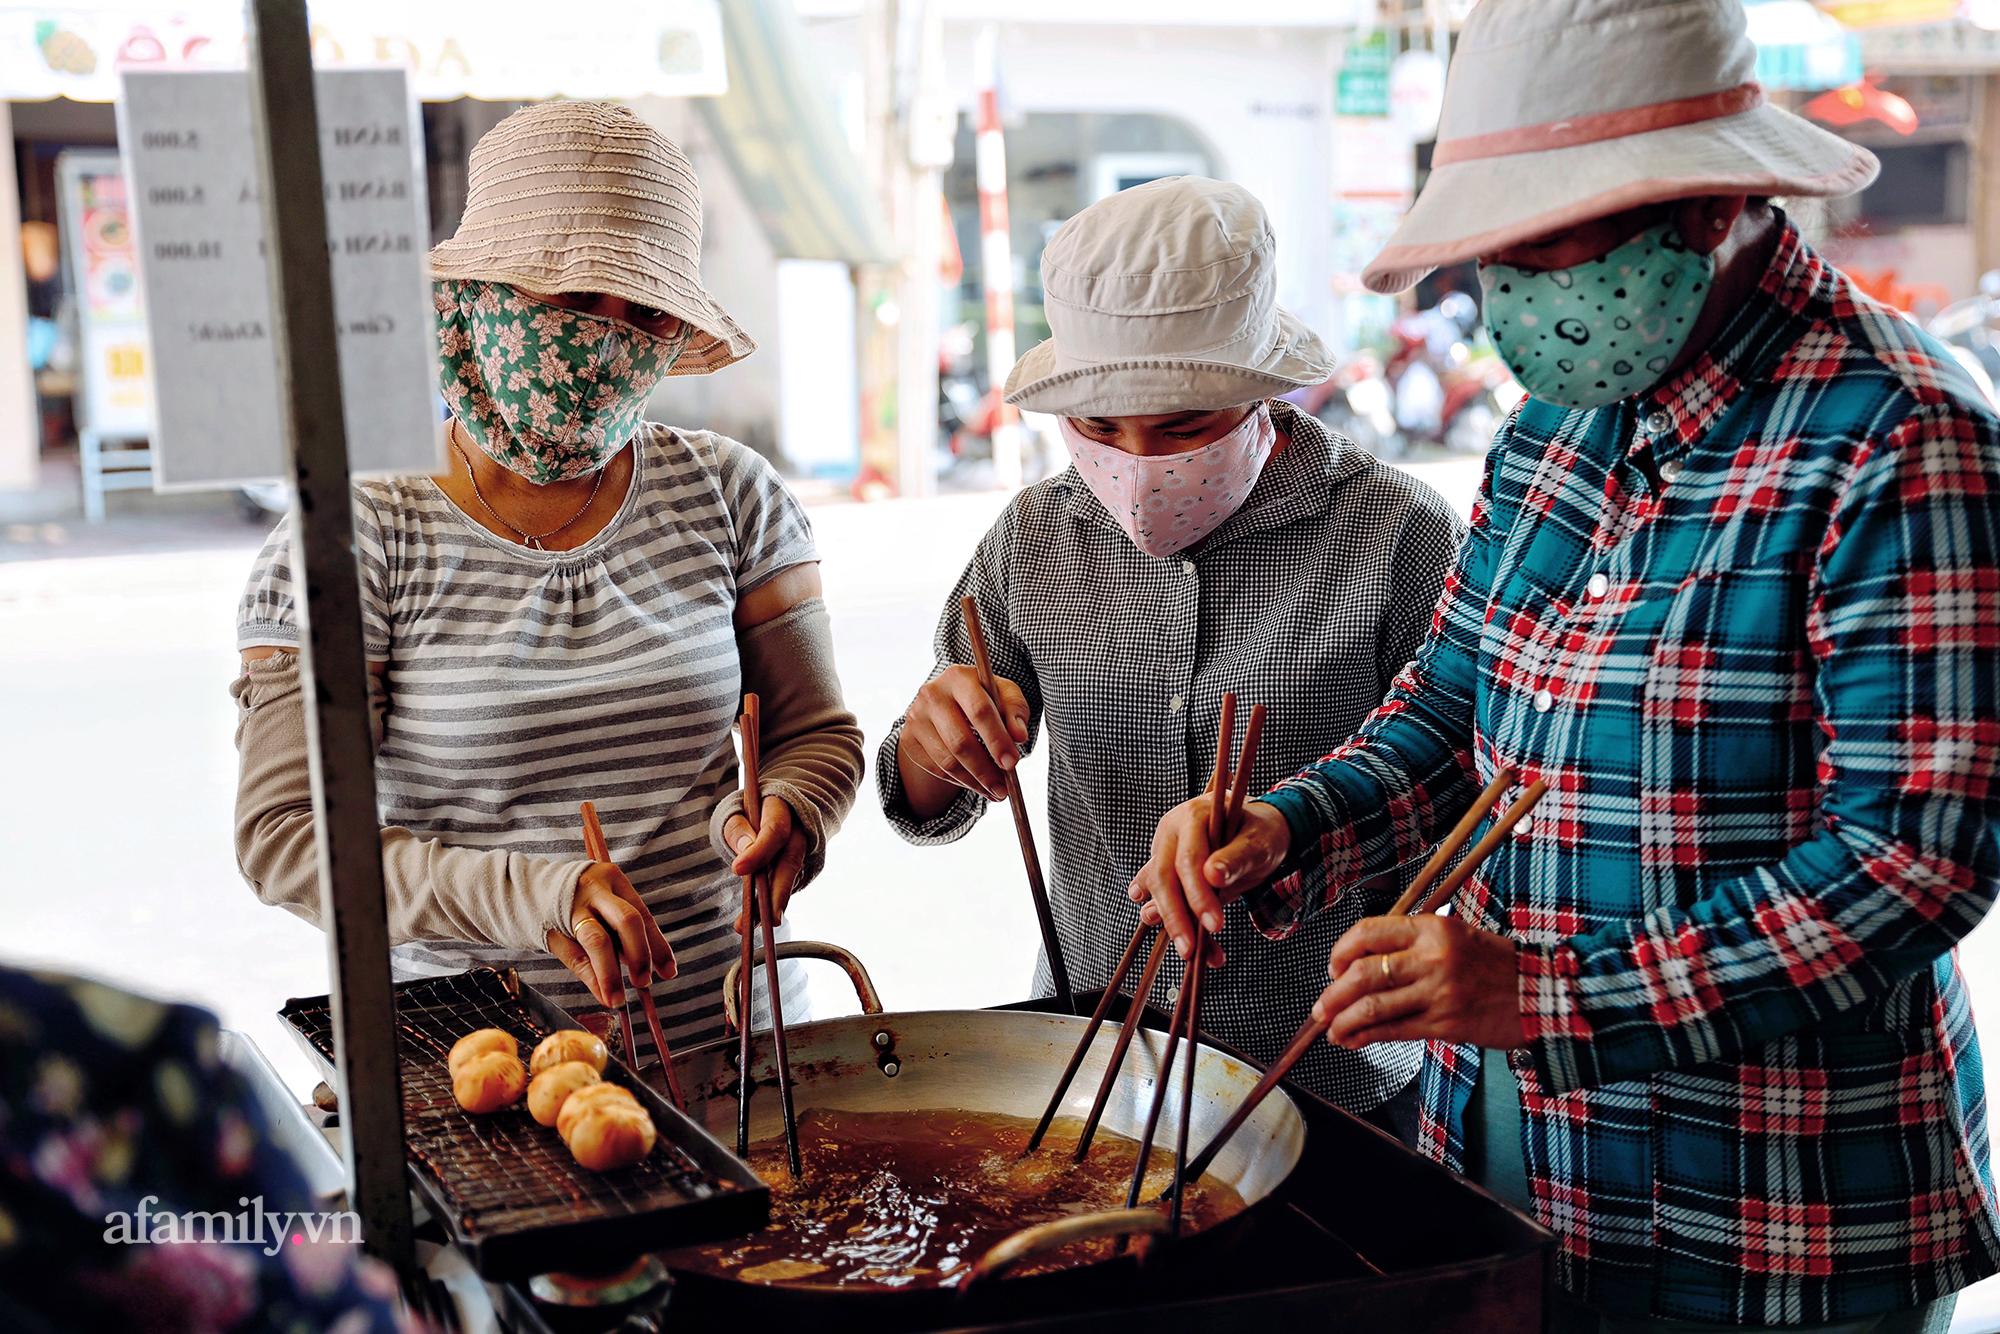 """Hàng bánh tiêu """"CHẢNH"""" nhất Việt Nam - """"mua được hay không là do nhân phẩm"""", dù chưa kịp mở cửa đã chính thức hết bánh khiến cả Vũng Tàu tới Sài Gòn phải xôn xao! - Ảnh 7."""